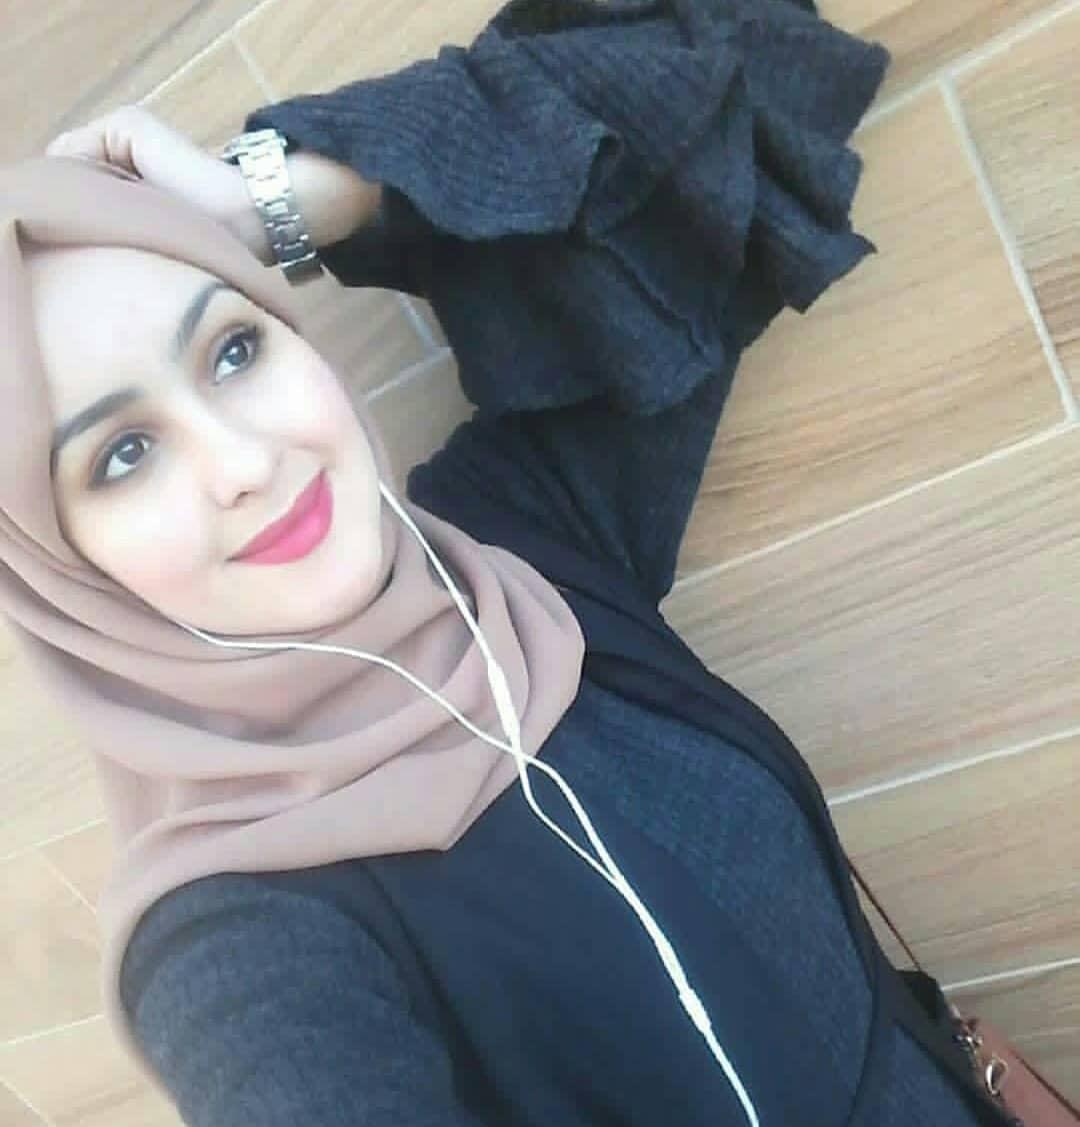 صور بنات محجبات جميلات اجمل صور بنات بالحجاب كيف